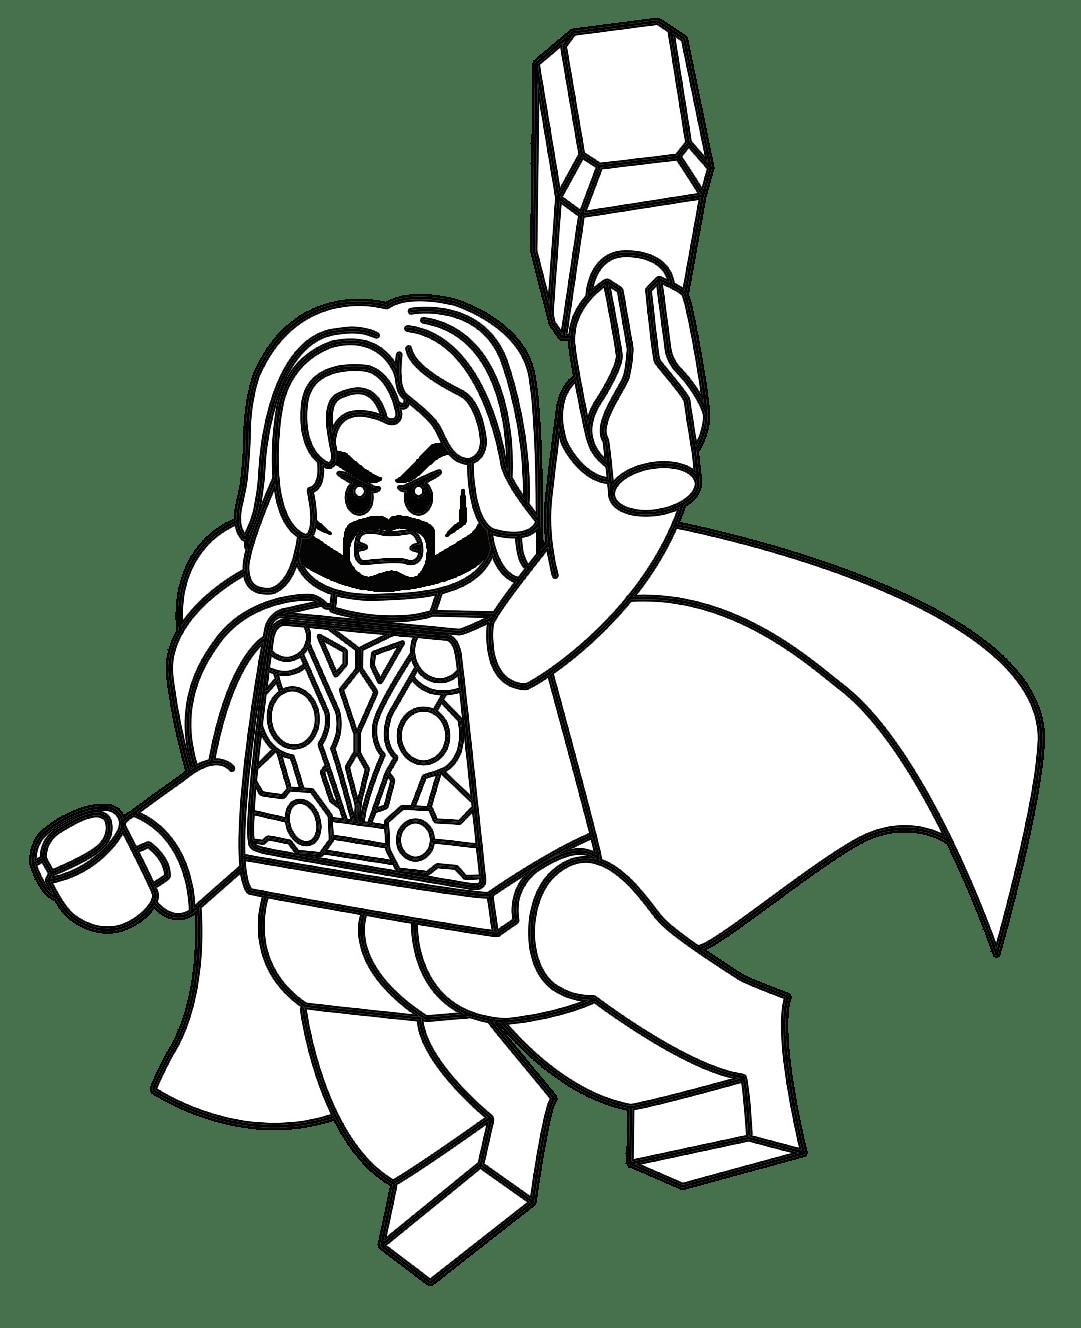 Thor para Colorir e Imprimir  Muito Fcil  Colorir e Pintar